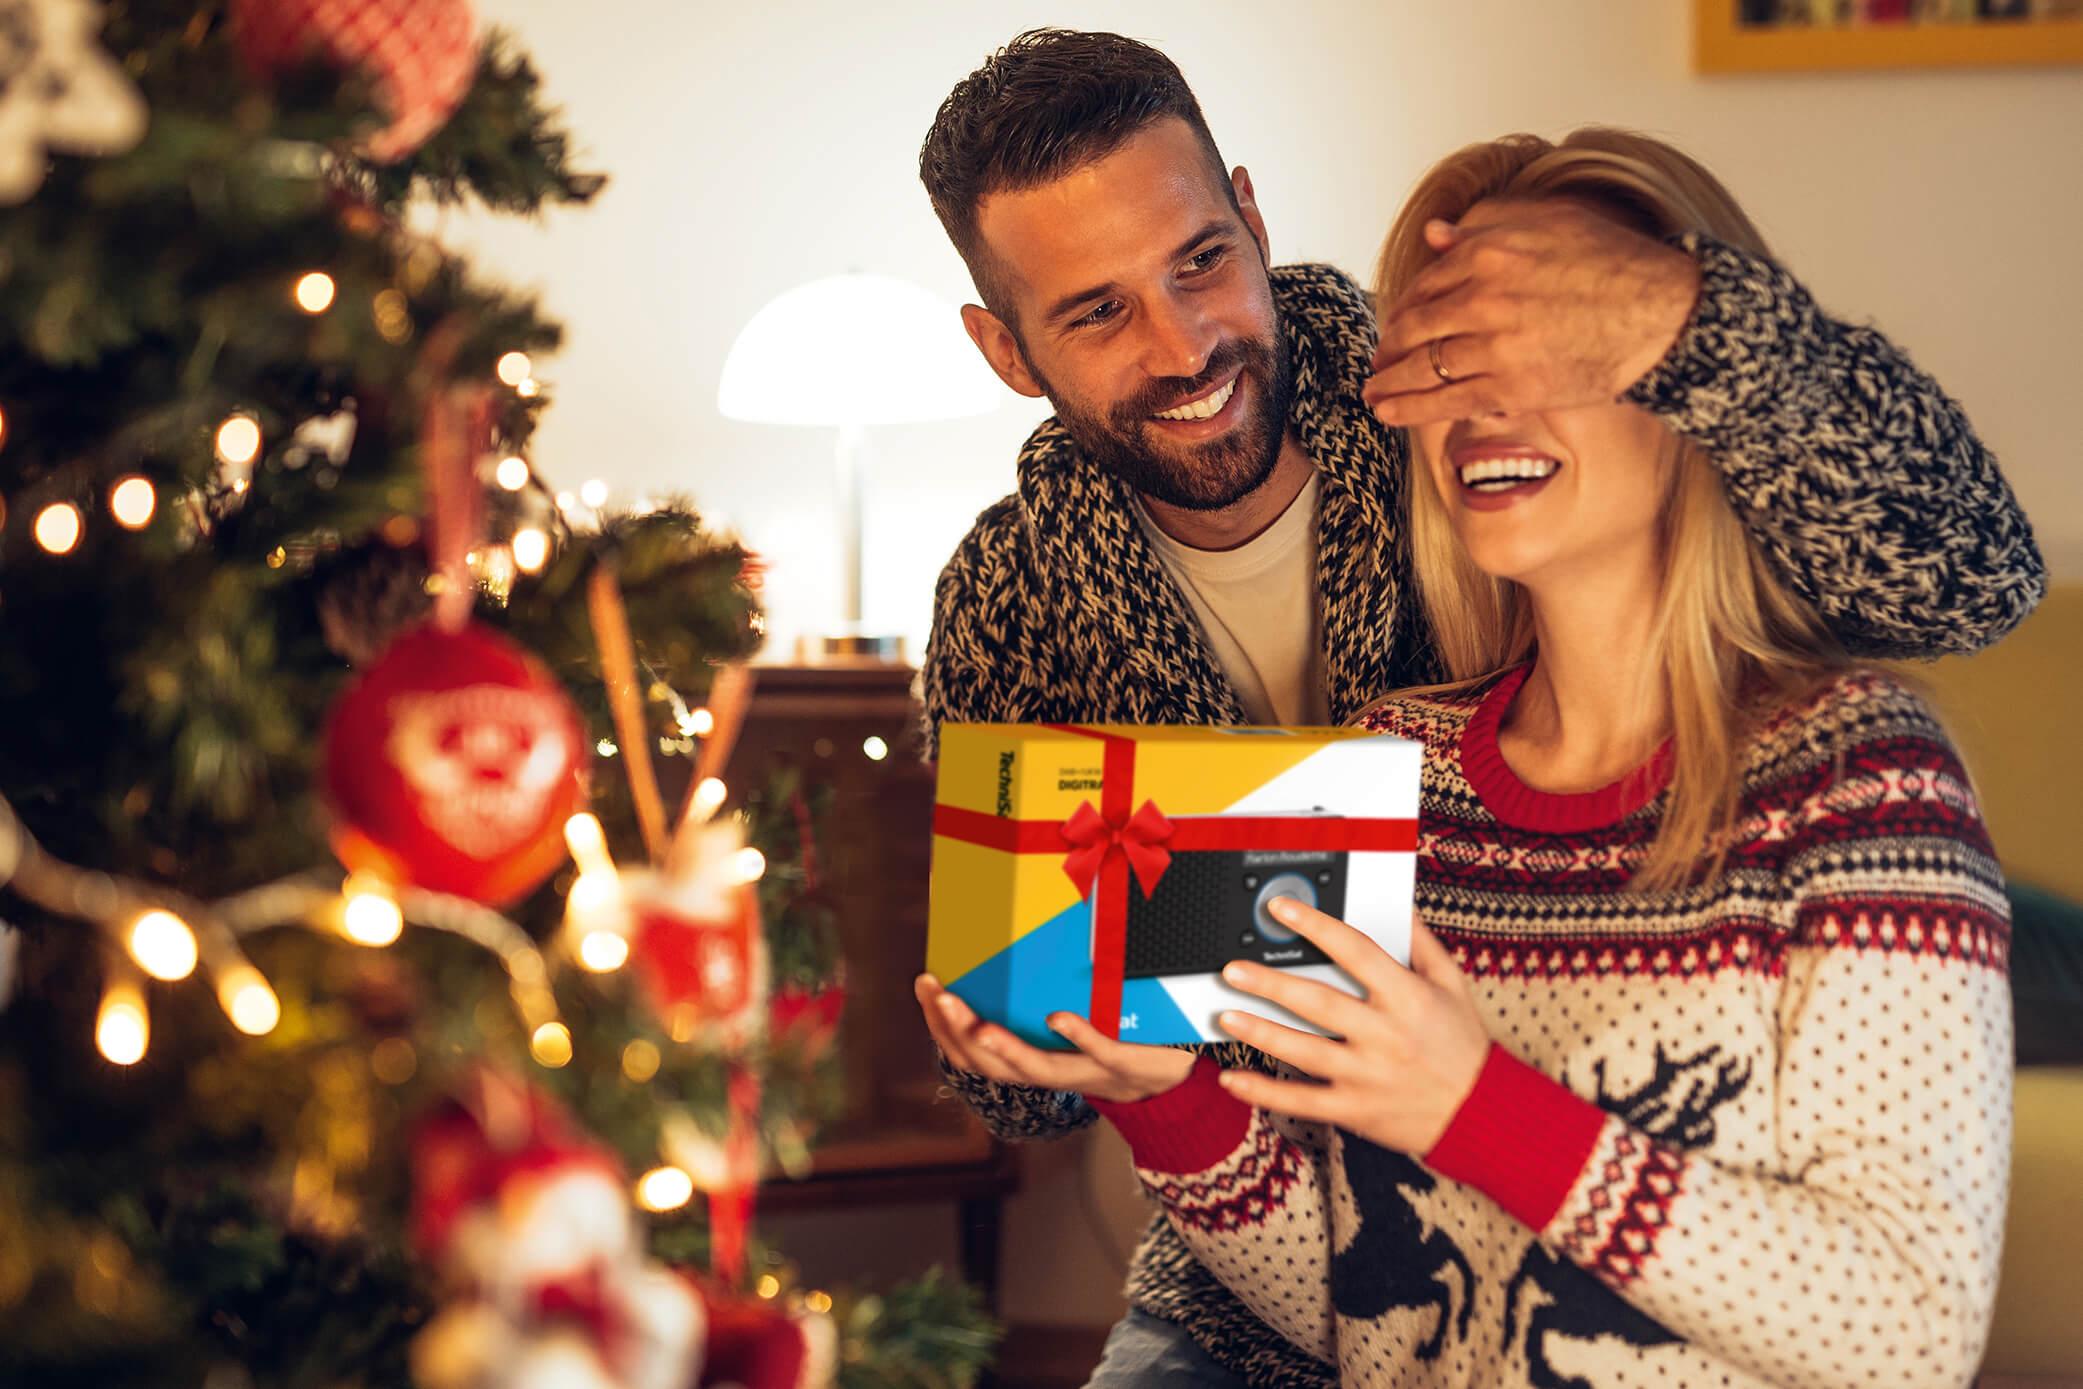 Geschenkideen für Weihnachten - TechniSat Online Magazin